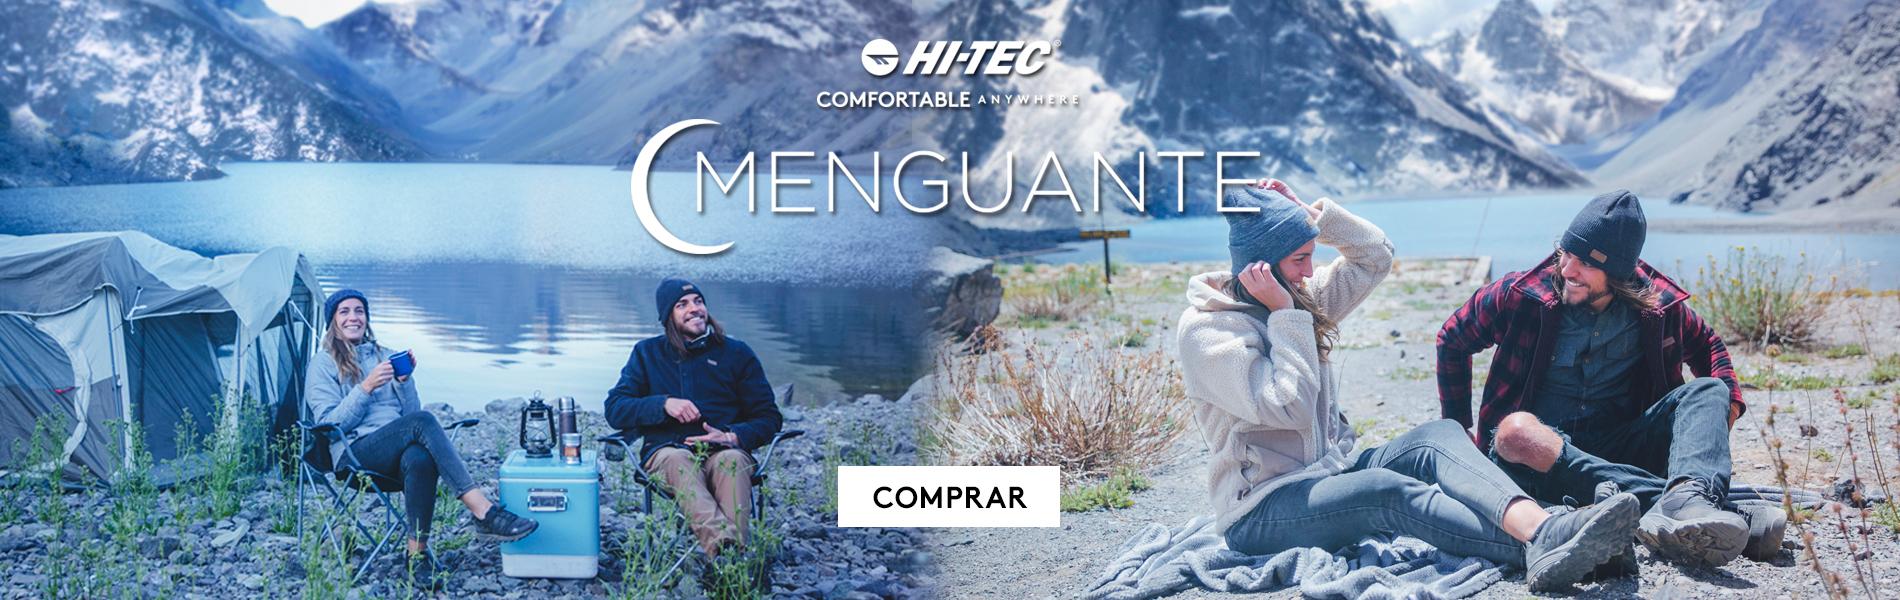 banner-slider-desktop-menguante-hi-tec